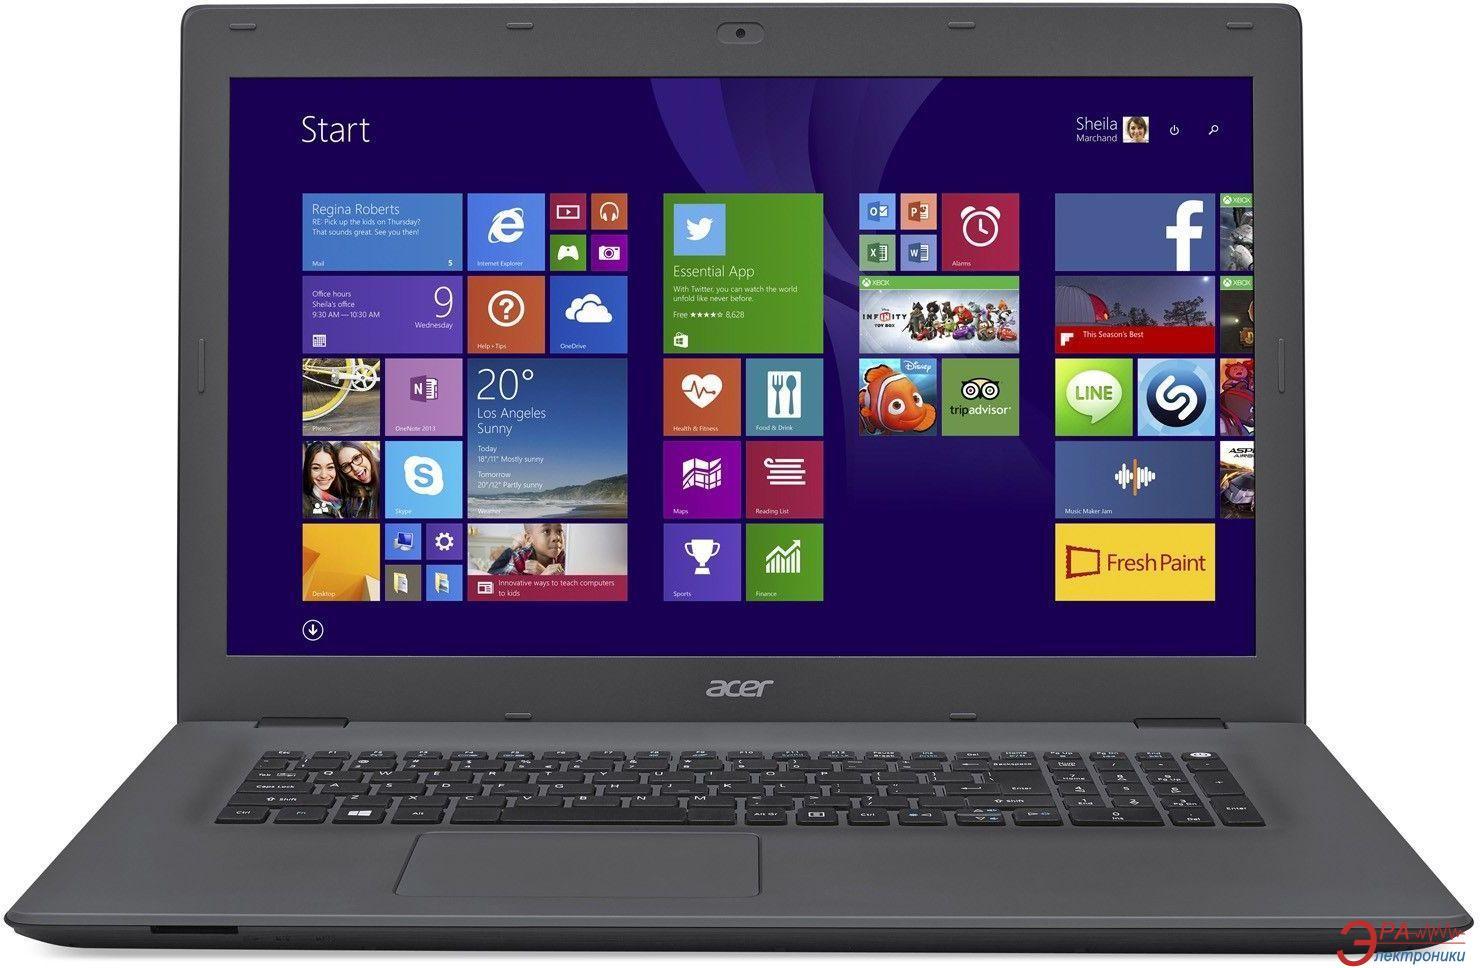 Ноутбук Acer Aspire E5-773-799L (NX.G2CEU.003) Black Grey 17,3